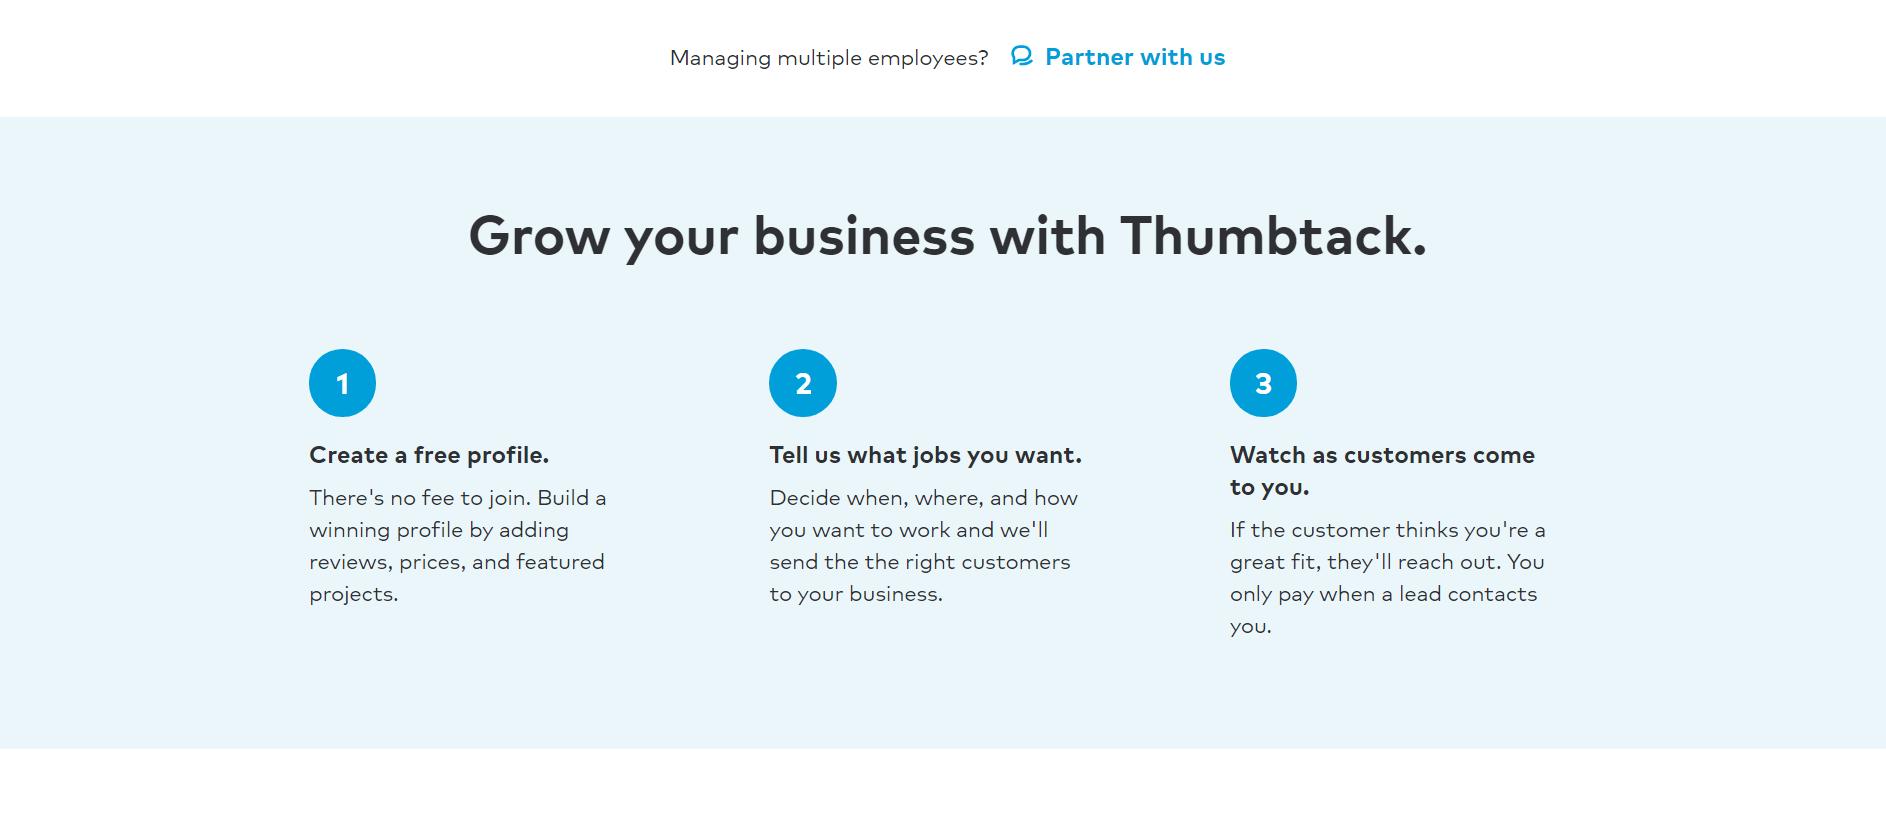 Instrucciones sobre cómo usar Thumbtack